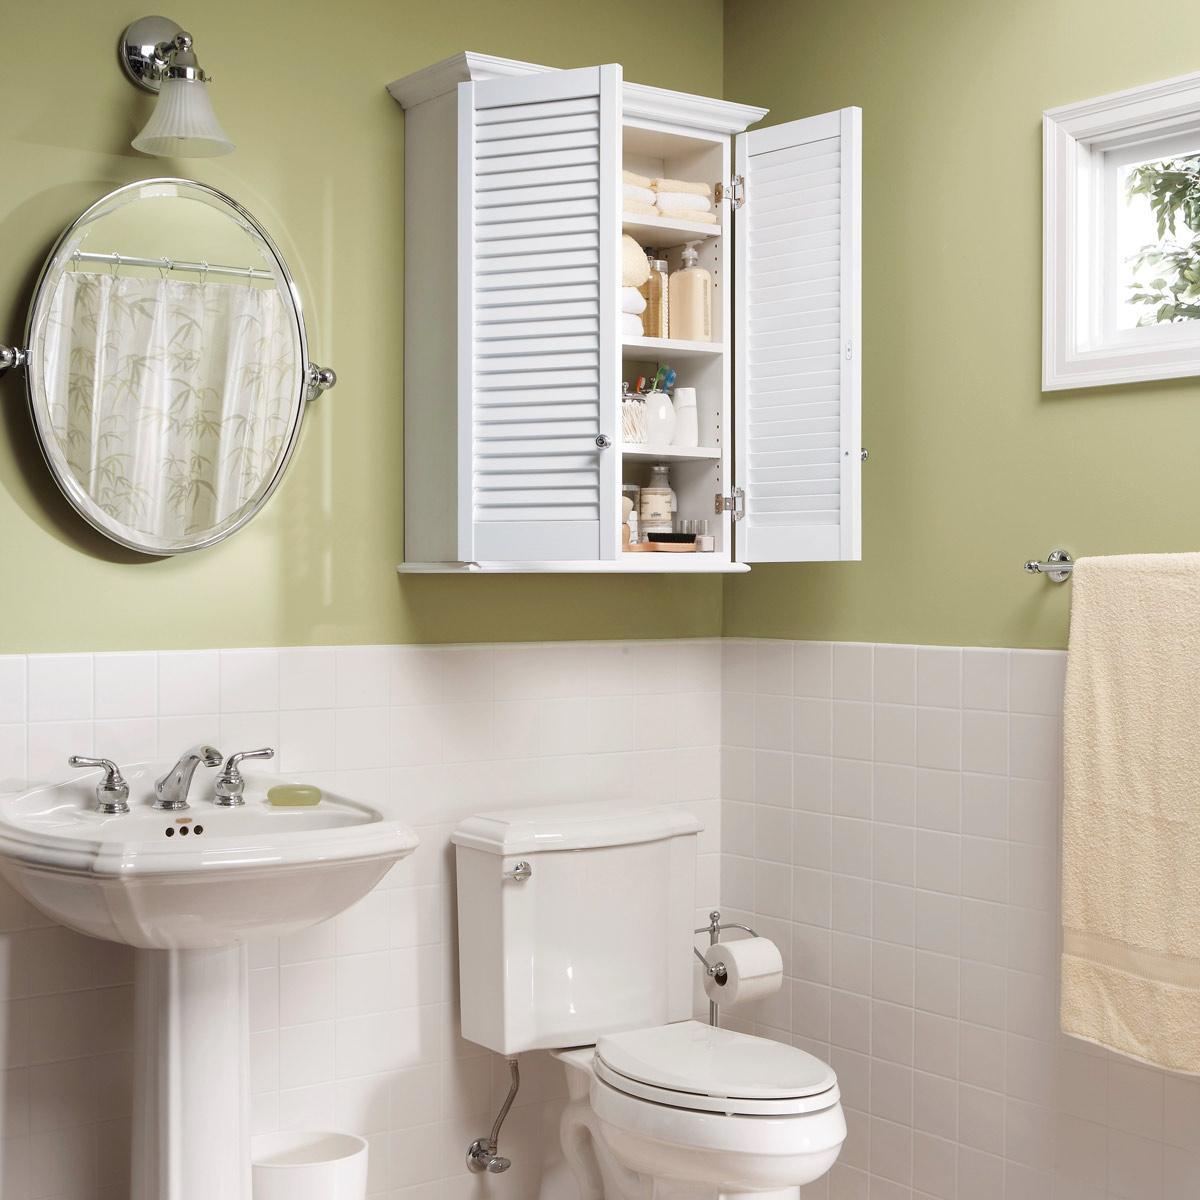 3. Simple Bathroom Cabinet DIY